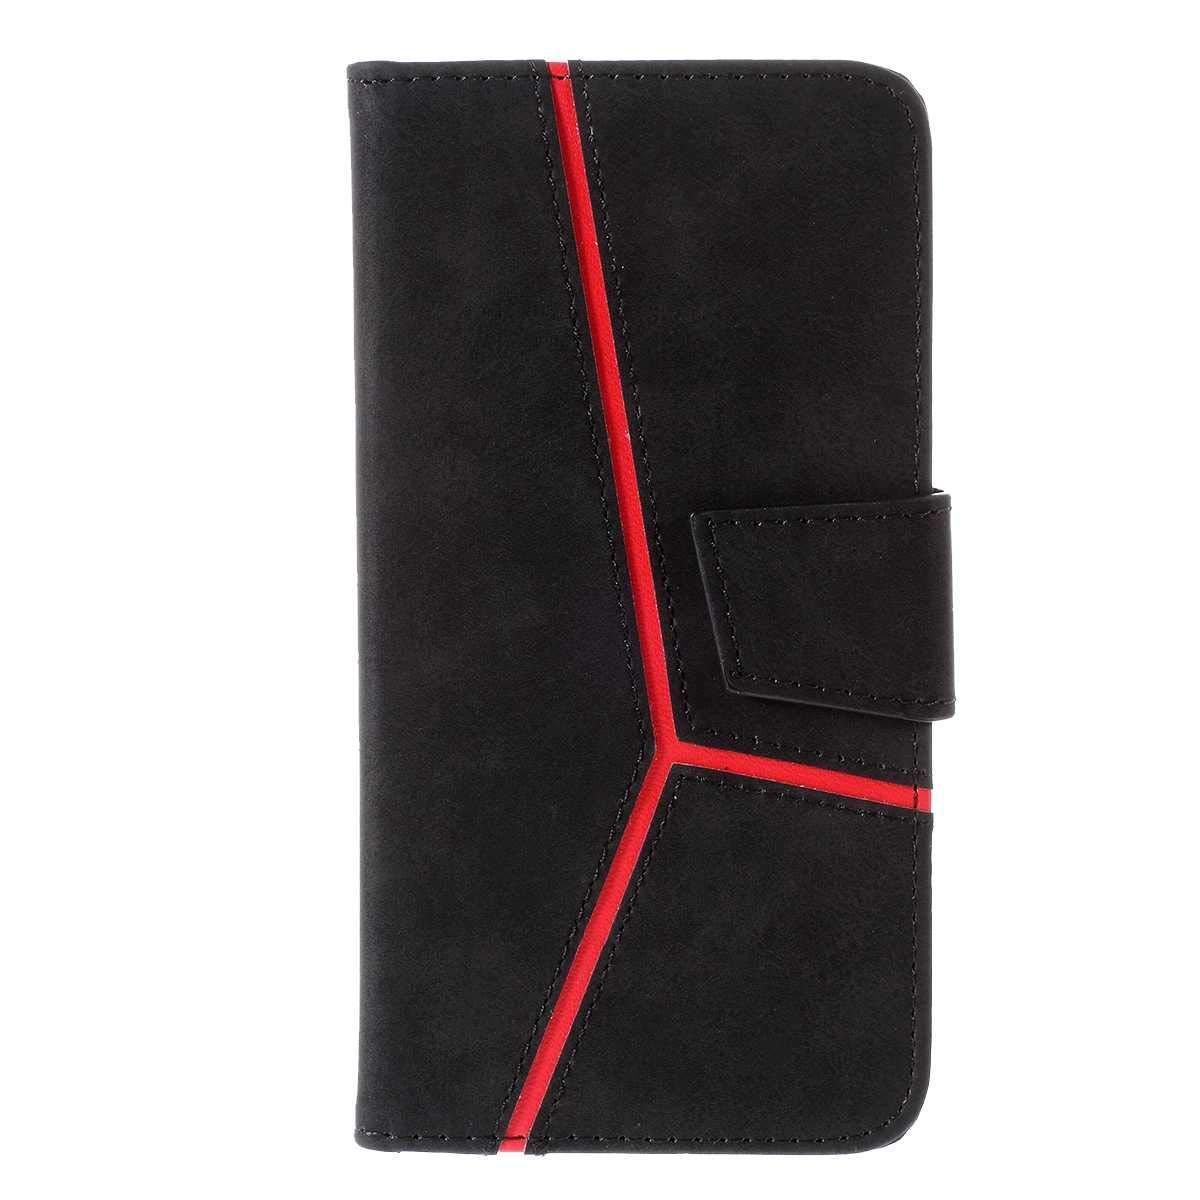 Coque pour Samsung Galaxy S10, Bear Village® Galaxy S10 Étui en Cuir, Portefeuille Housse à Rabat avec Fonction de Support et Fente pour Cartes, Noir